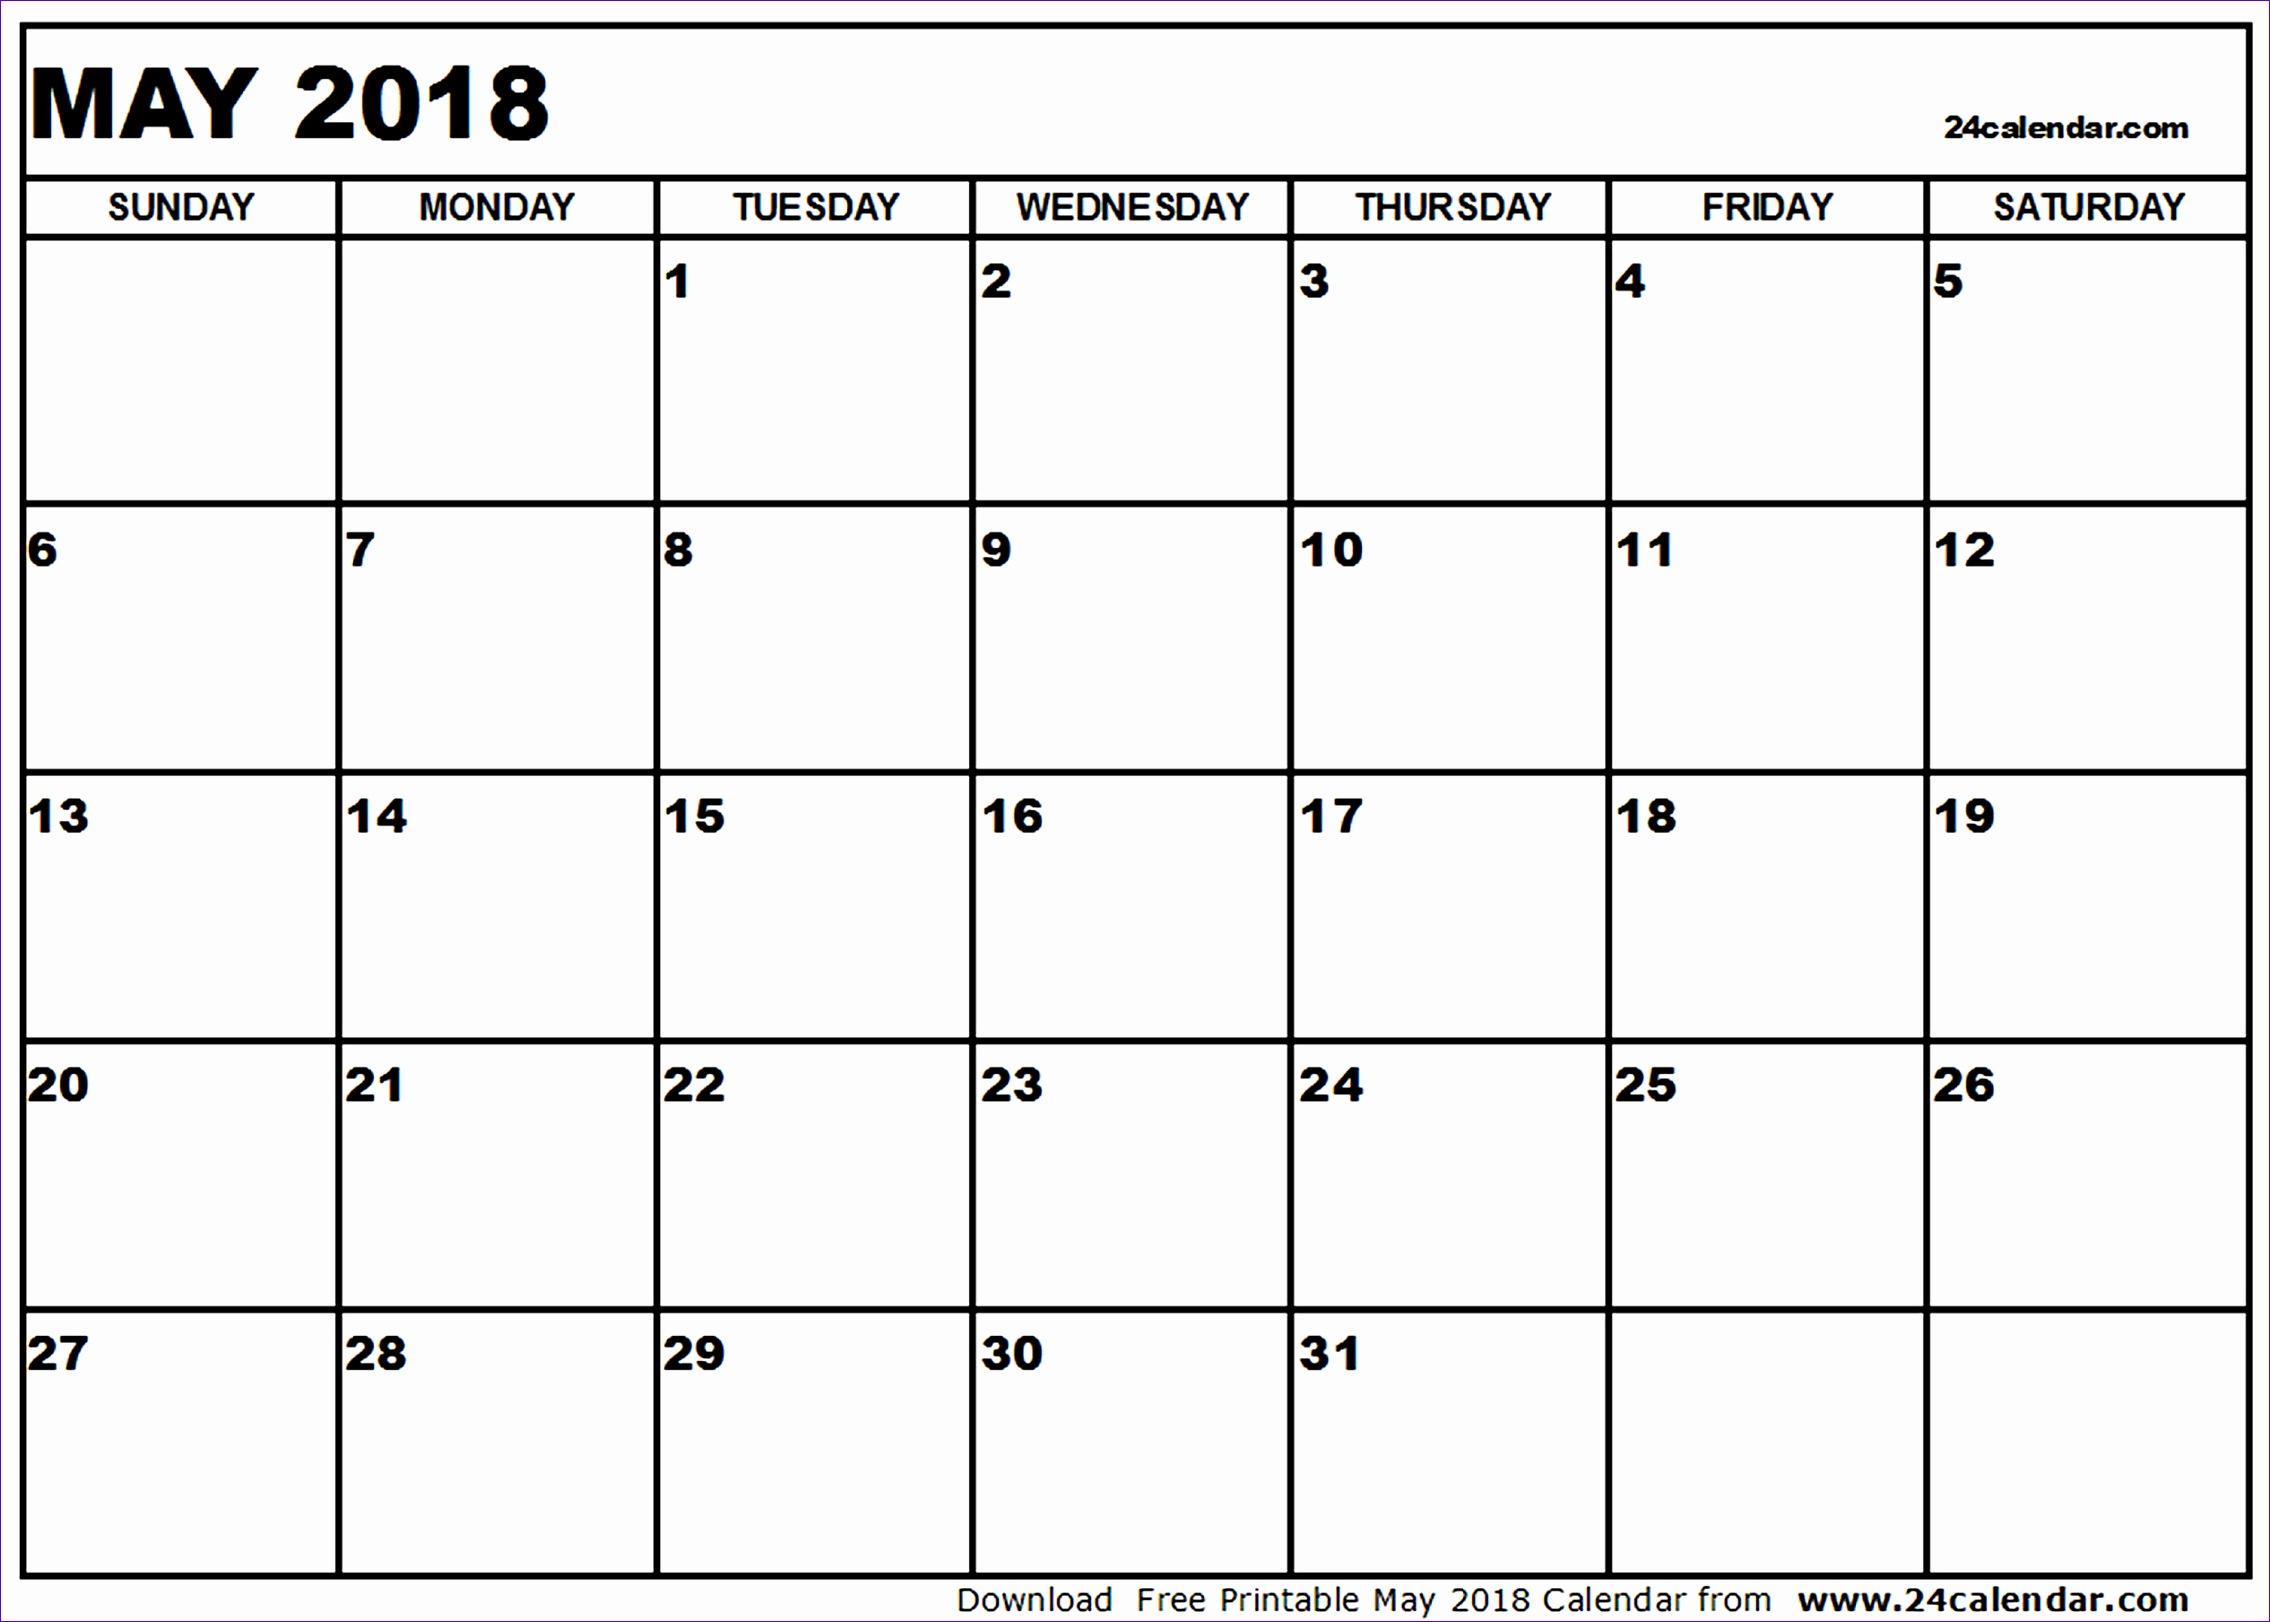 may 2018 calendar 1758 22701622